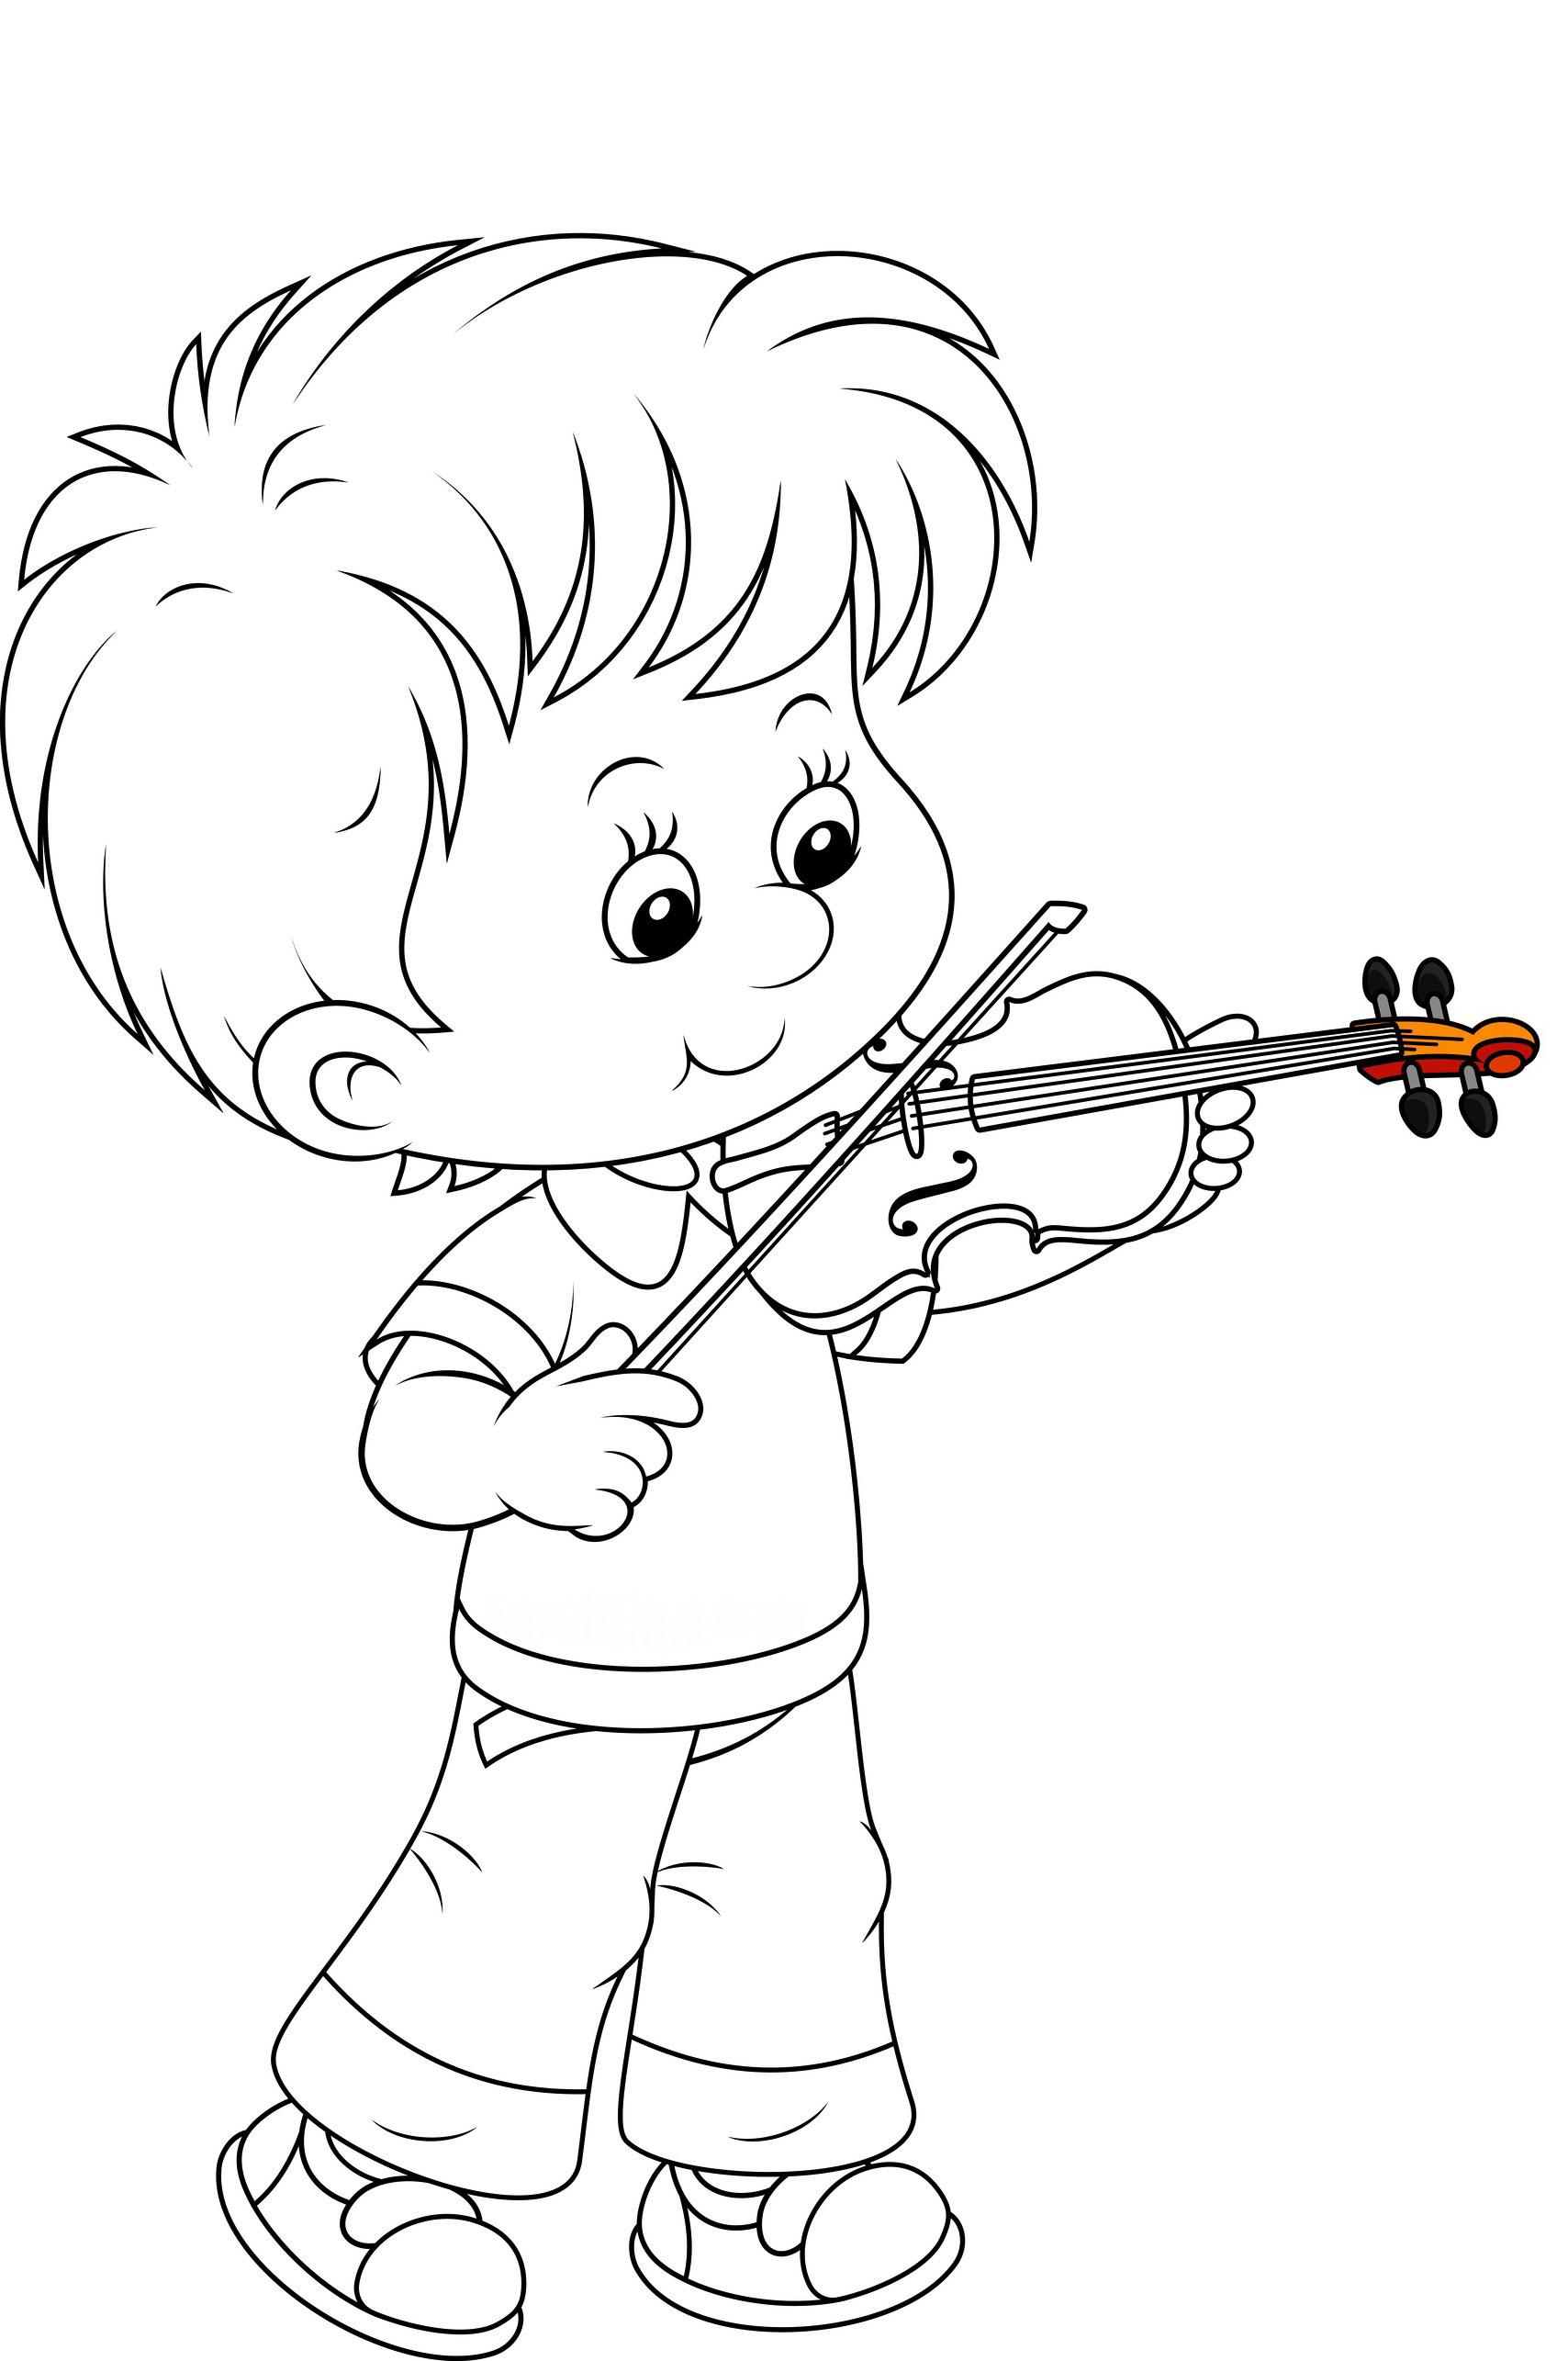 Картинка мальчика маленького раскраска